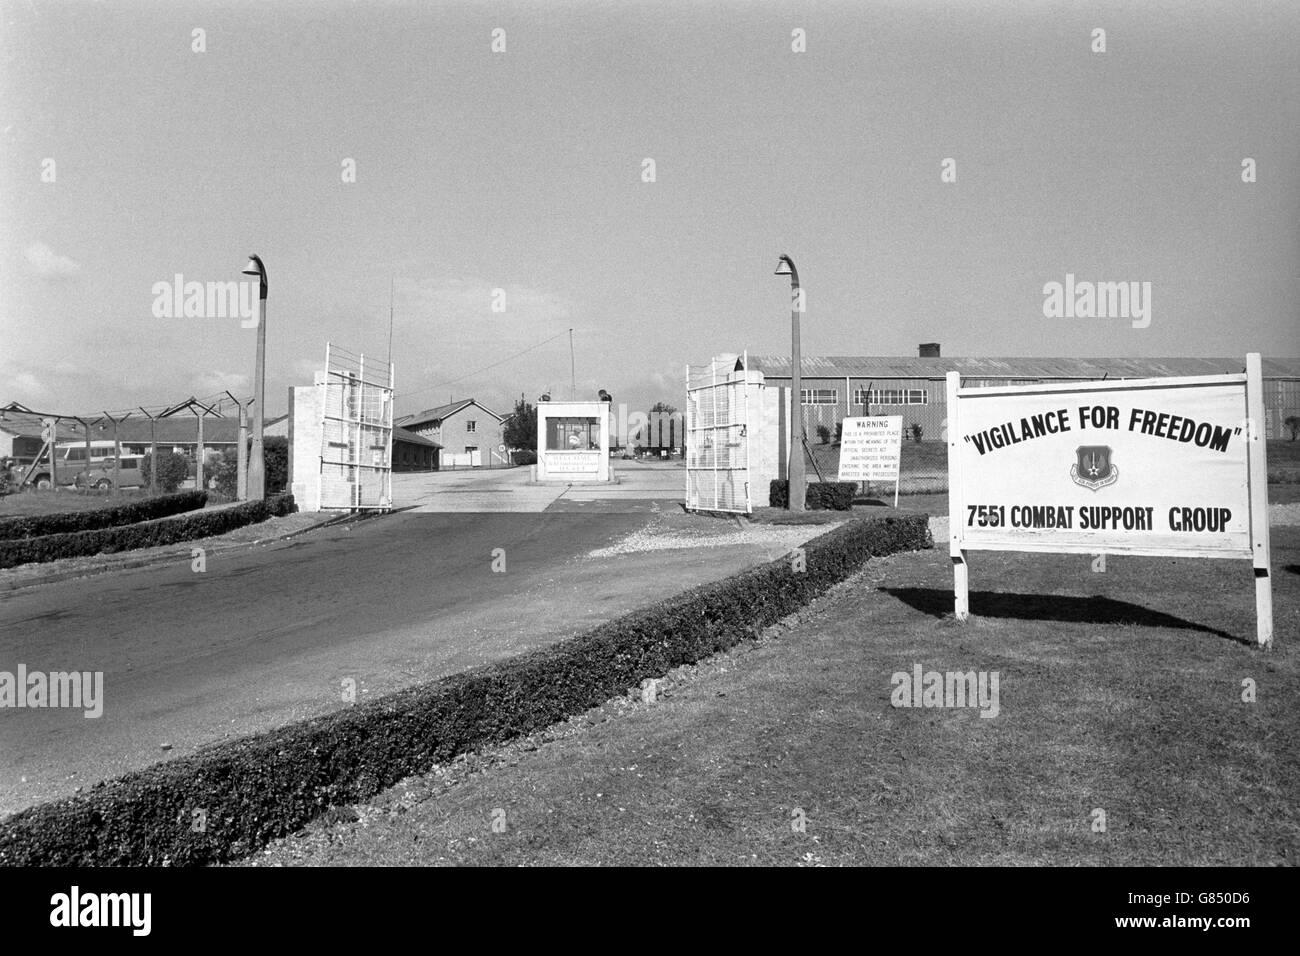 Dortoir - militaire - Base de l'USAF - Greenham Common Banque D'Images